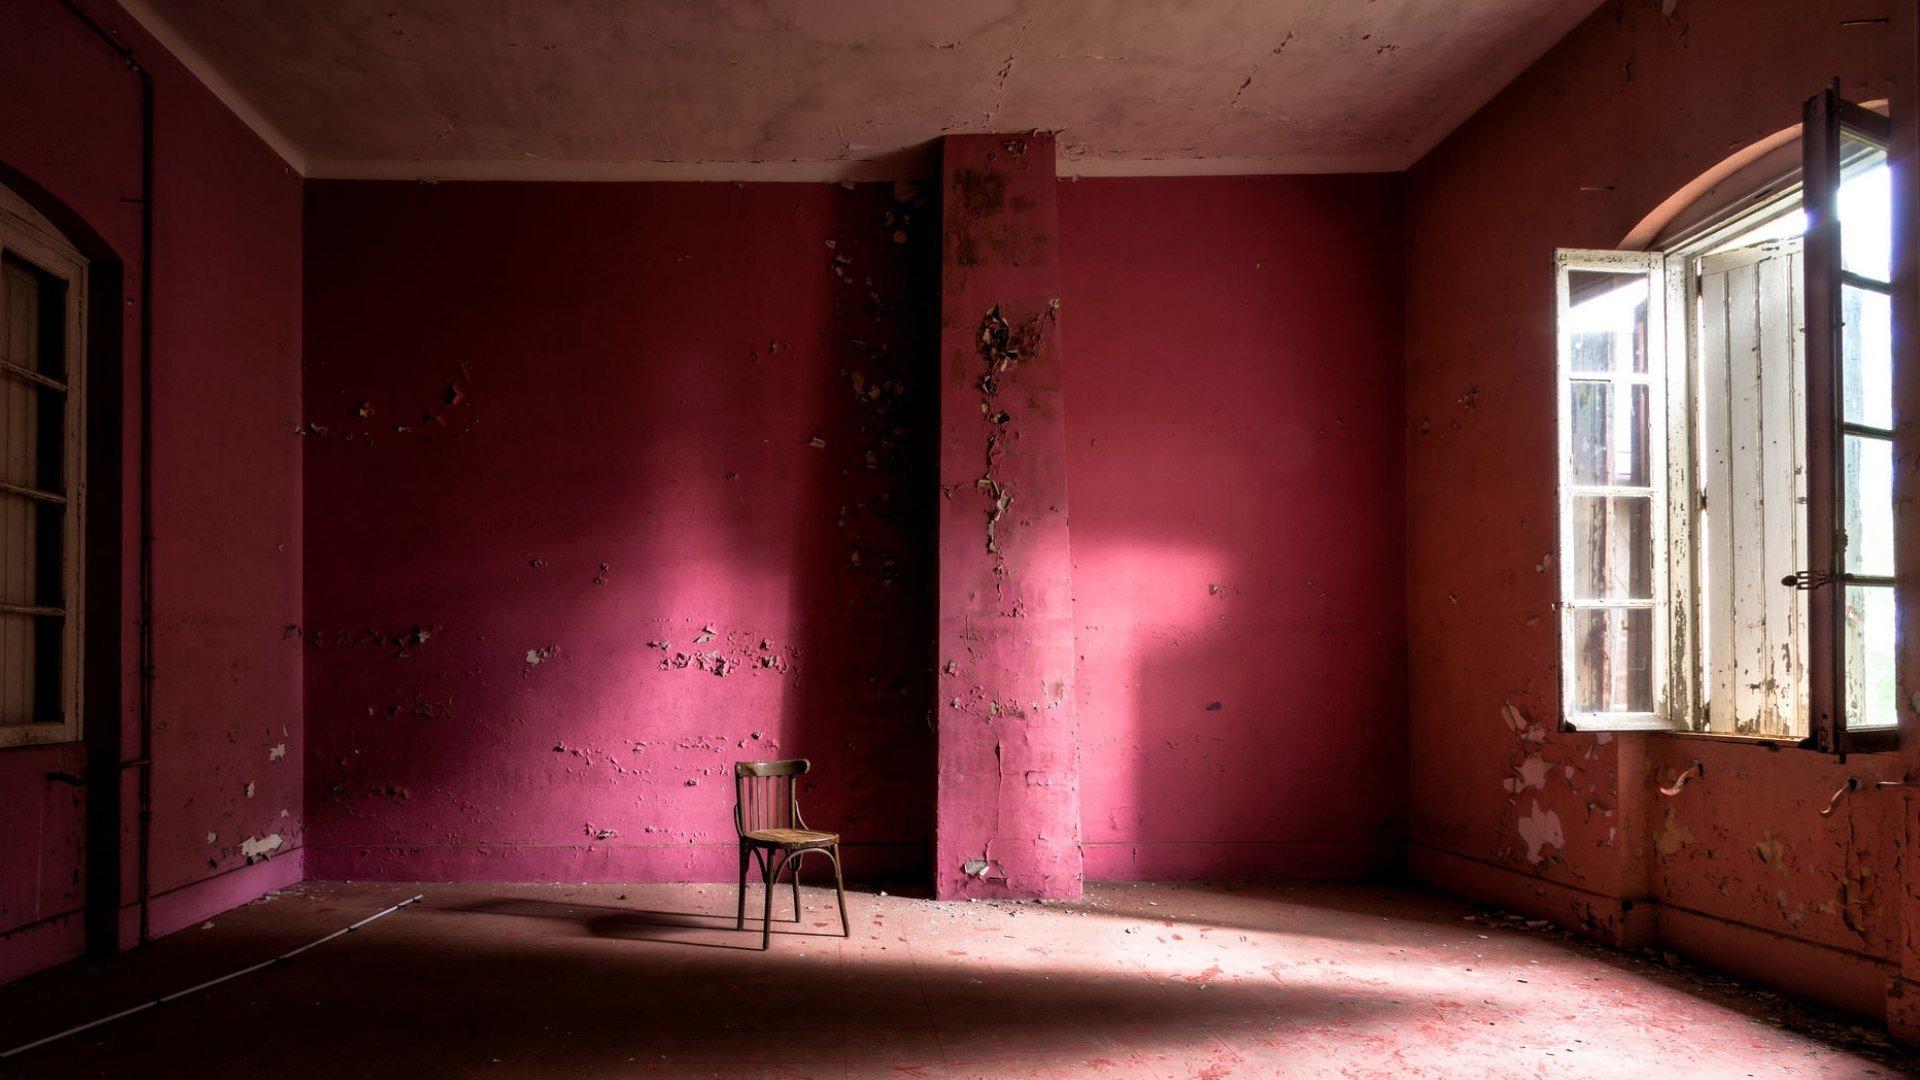 фото картинки стен комнат штата калифорния